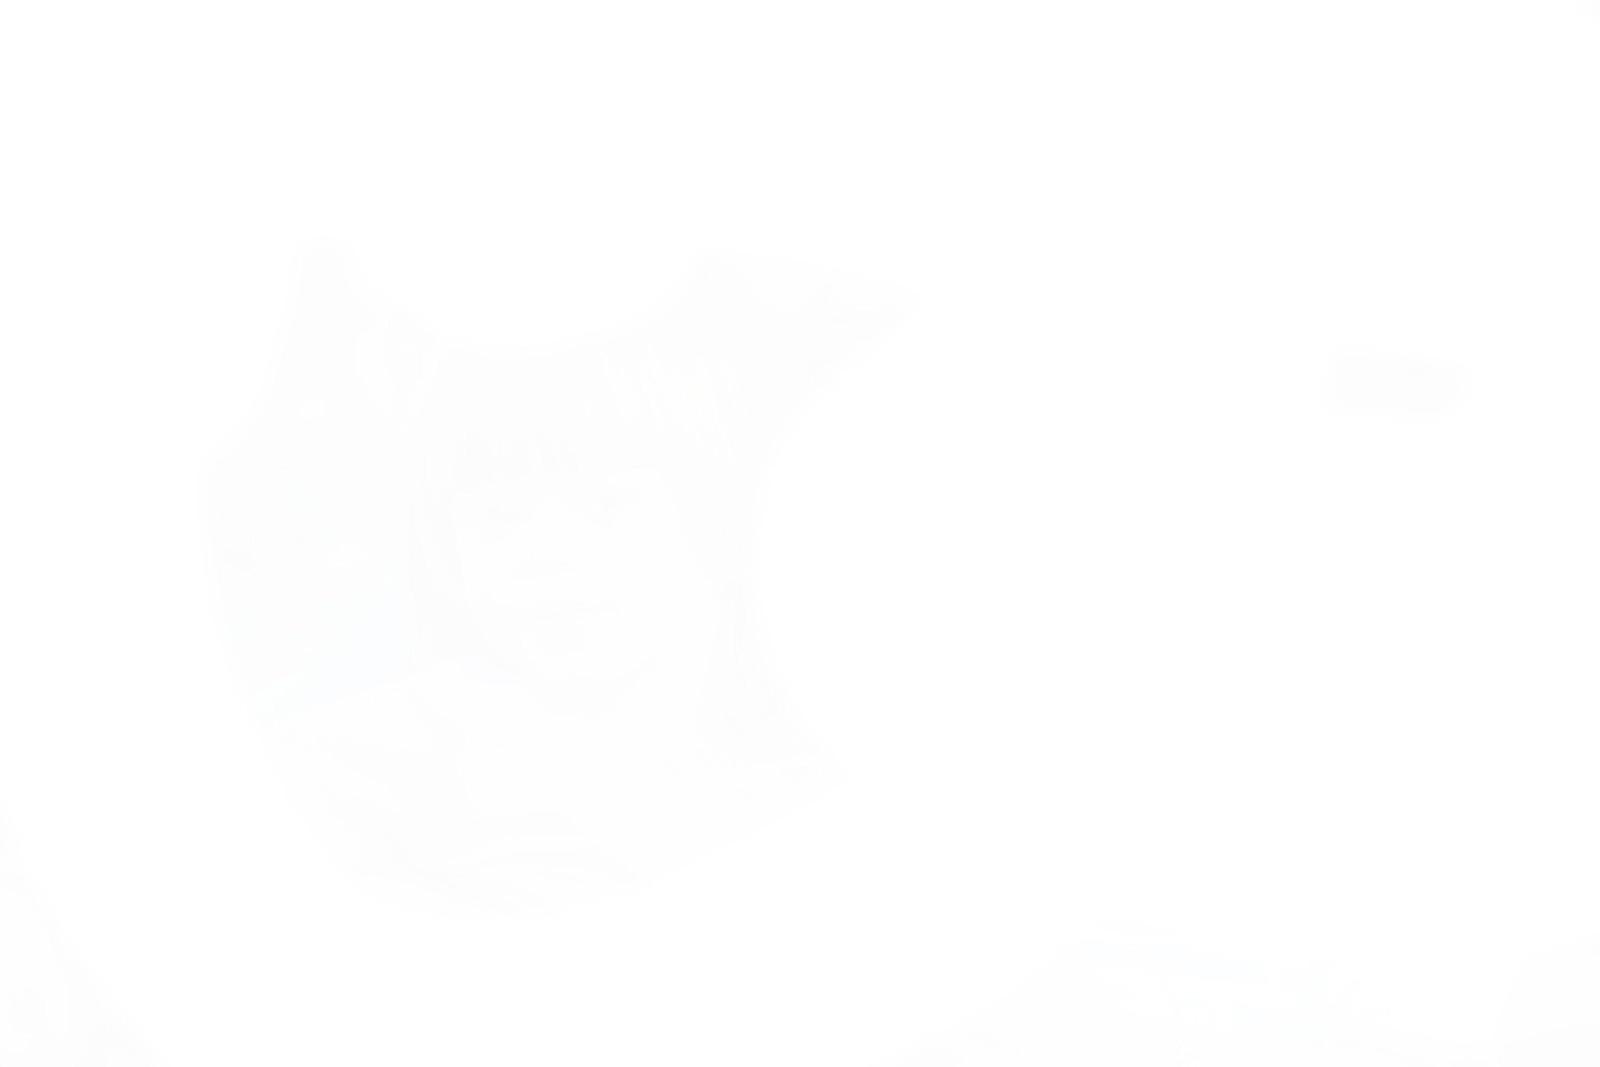 Background White Gallery สิงหาคม 2013. Kitchen Dishes Organizer. Country Kitchen Brooklyn. Small Kitchen Organization Ideas. Organic Kitchens. Ikea Kitchen Storage Cabinet. Wooden Kitchen Storage. Picture Of Modern Kitchen. Geneva Modern Kitchens